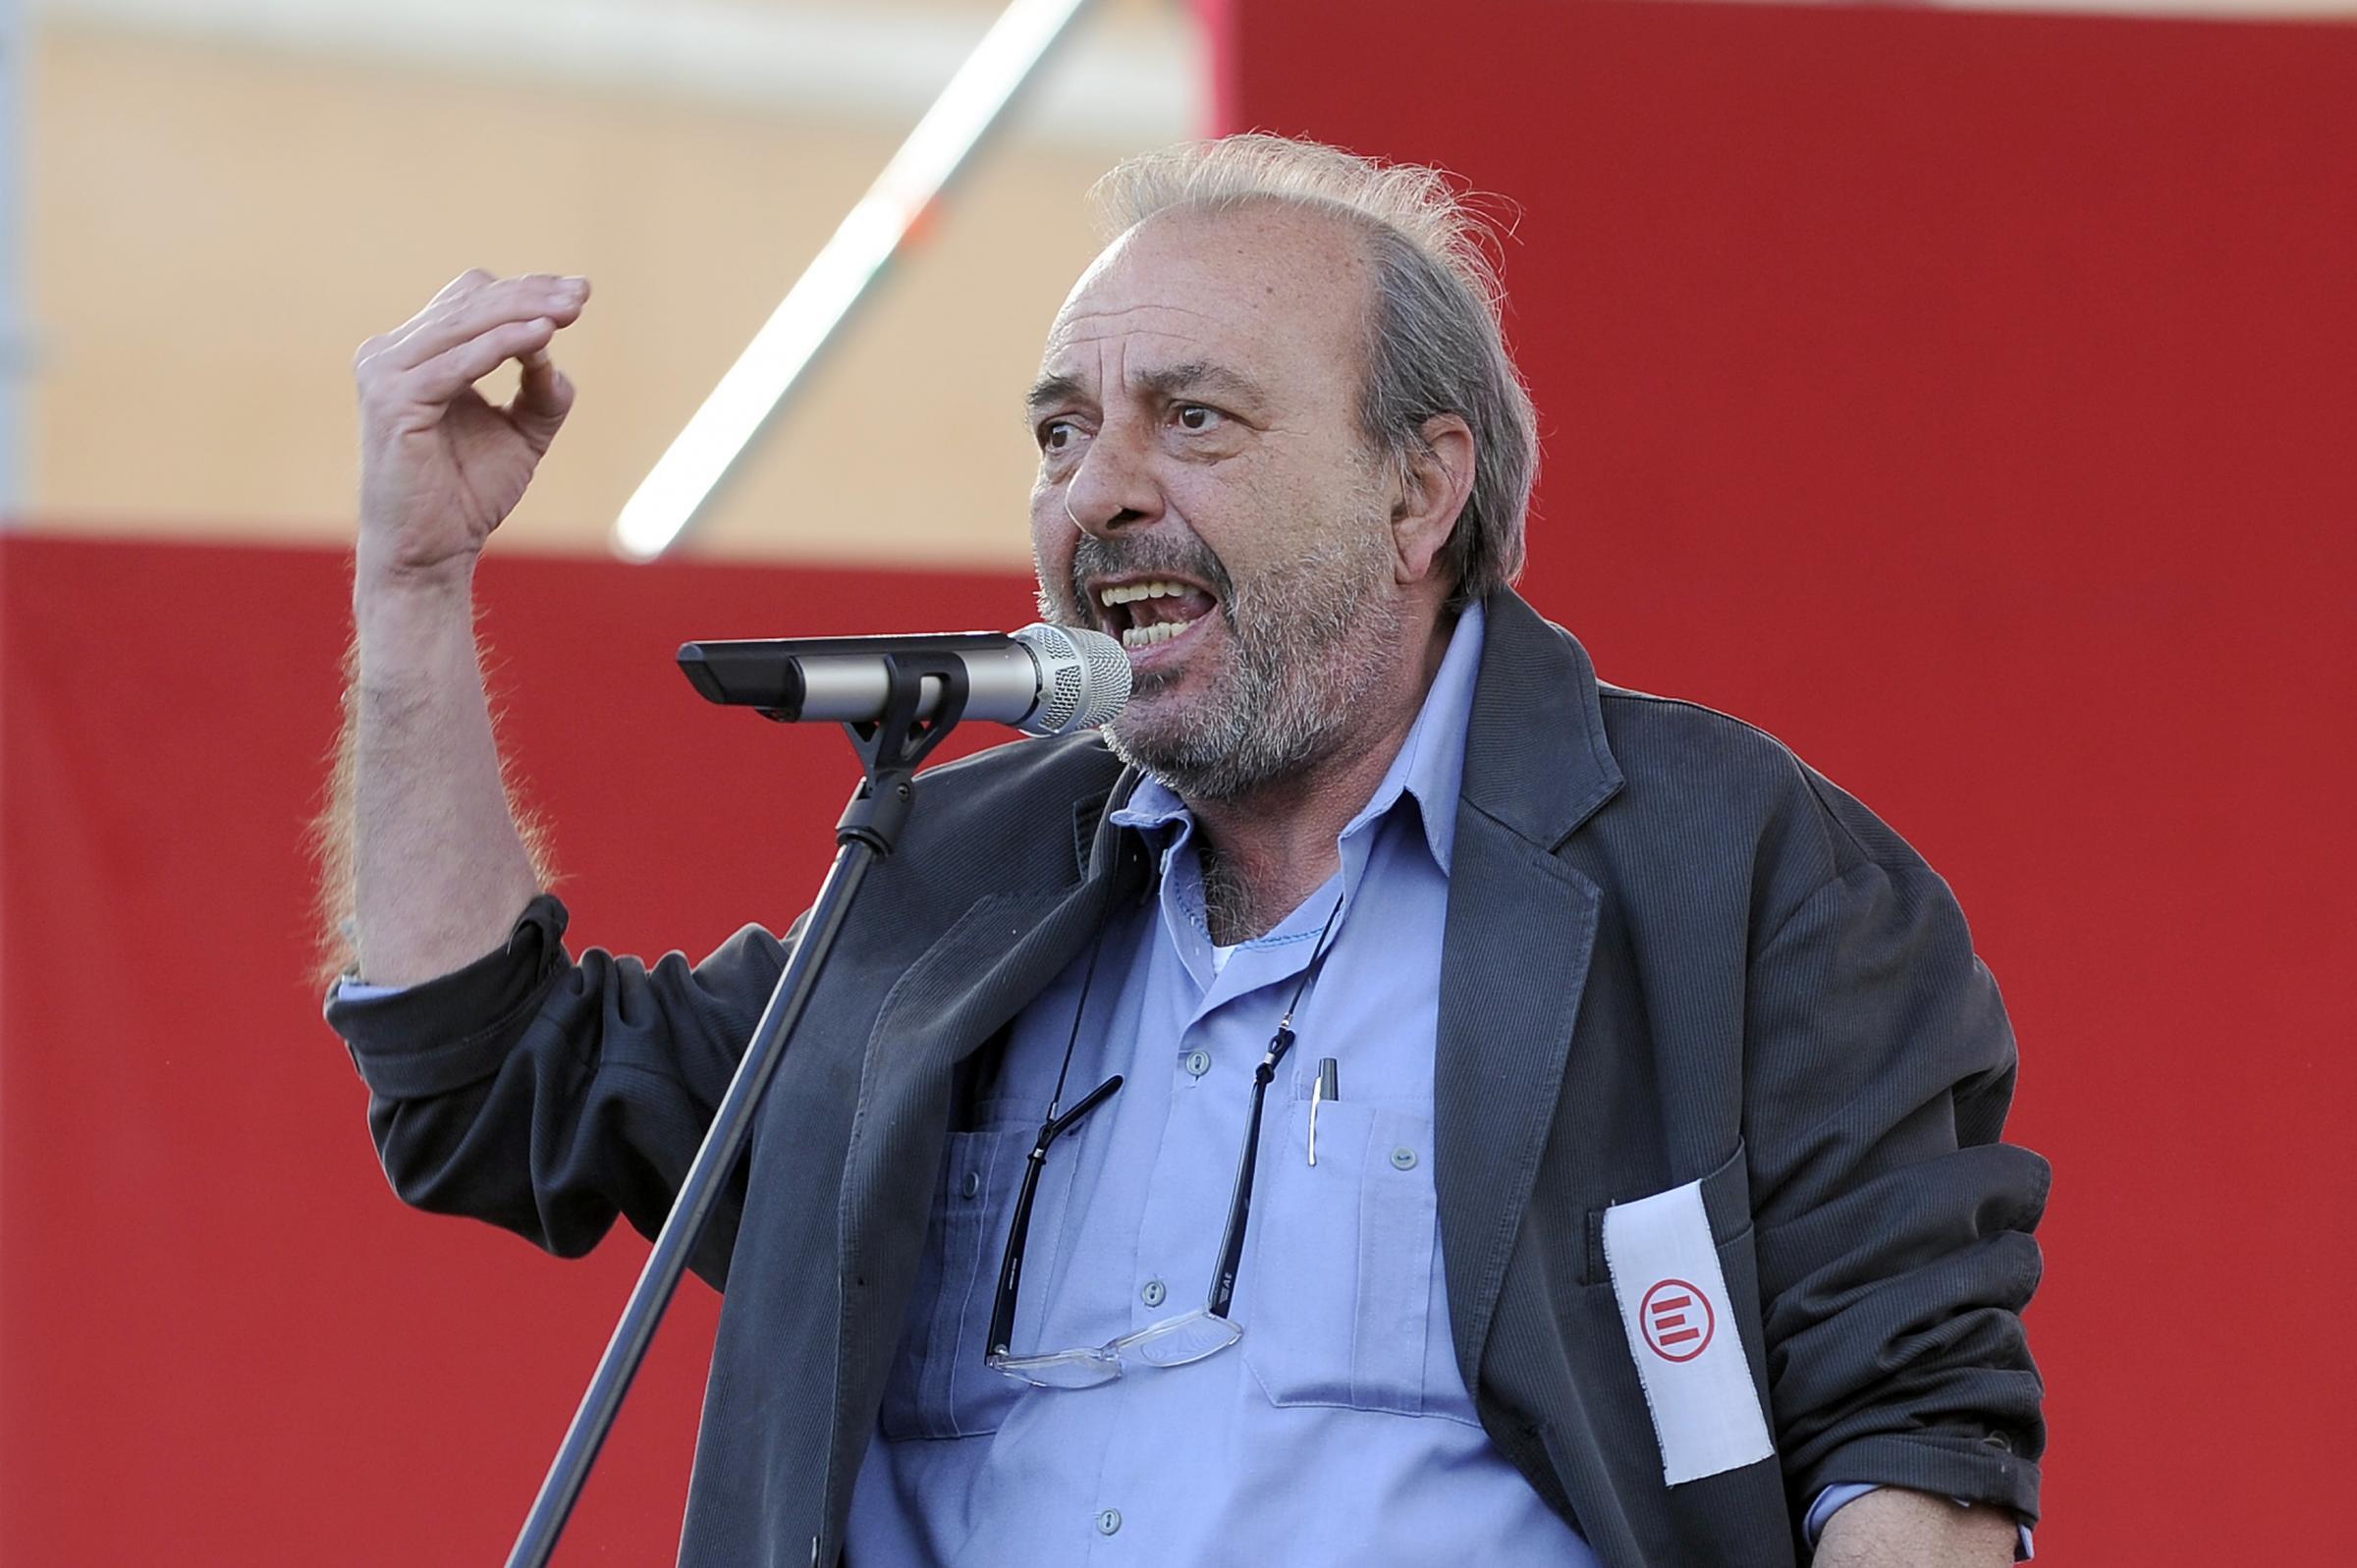 Vauro Senesi morto: la bufala sul vignettista di Servizio Pubblico ucciso da un prete impazzito